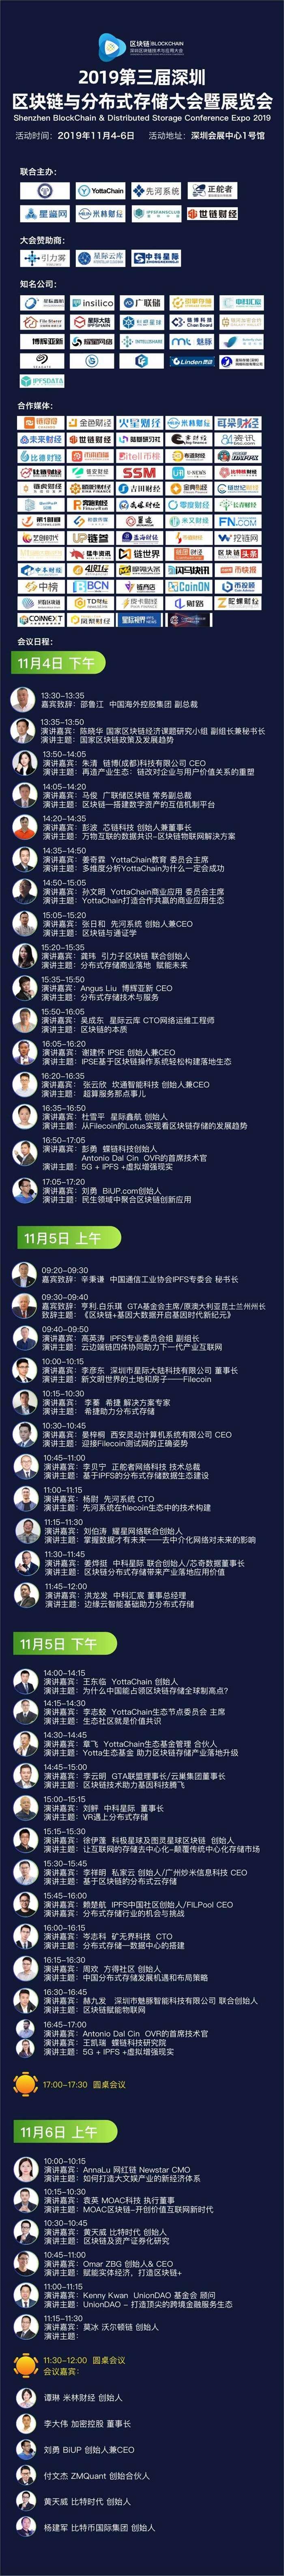 2019第三届深圳 区块链与分布式存储大会暨展览会 .jpg